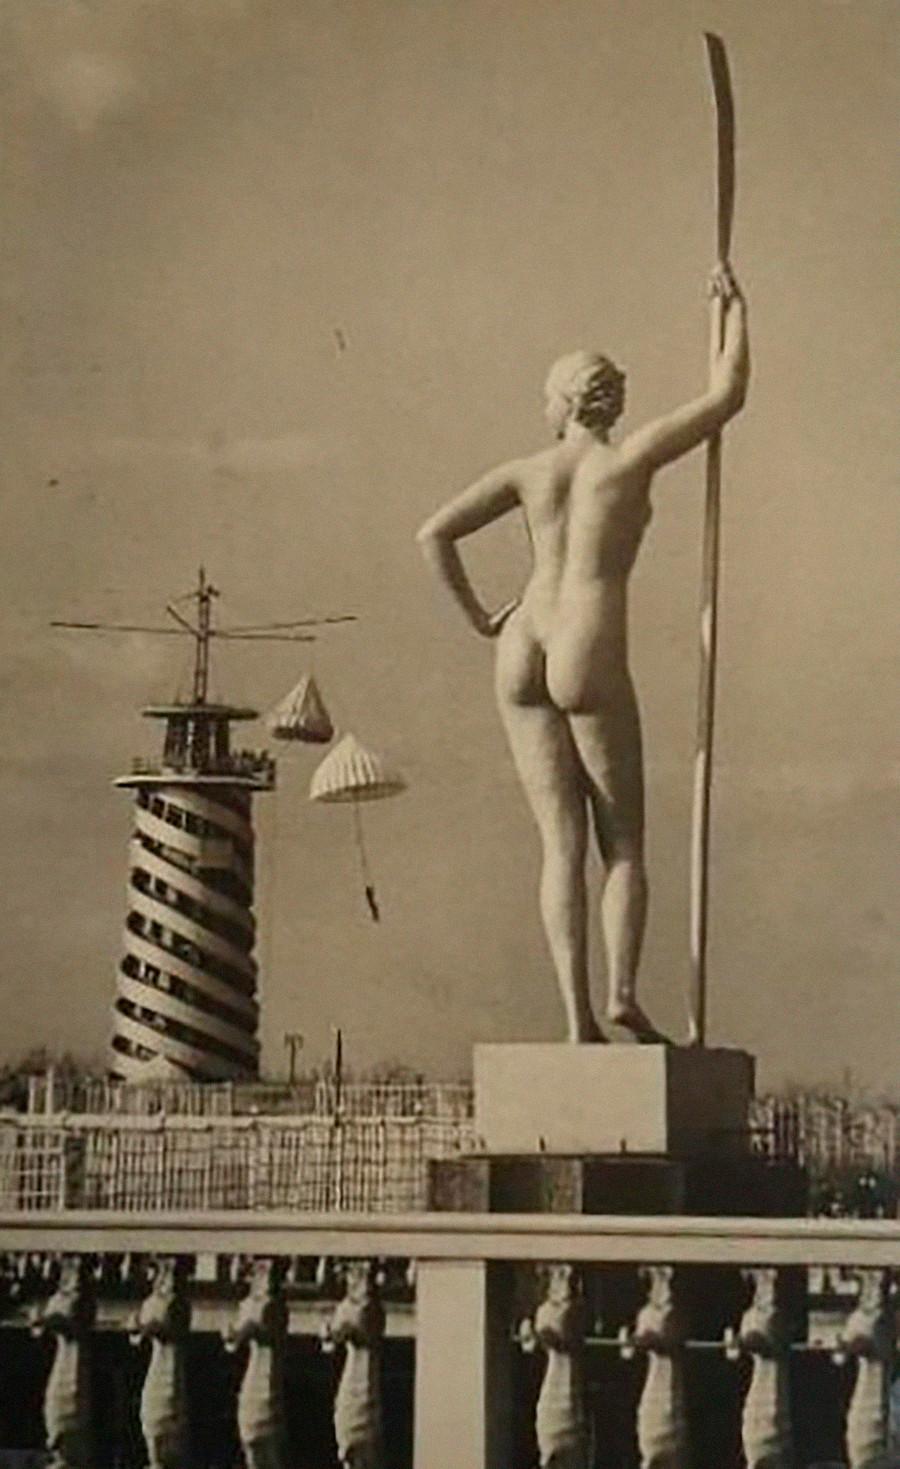 «Jeune fille à la rame». Cette sculpture précise était un modèle très répandu dans les parcs et lieux de villégiature d'URSS.